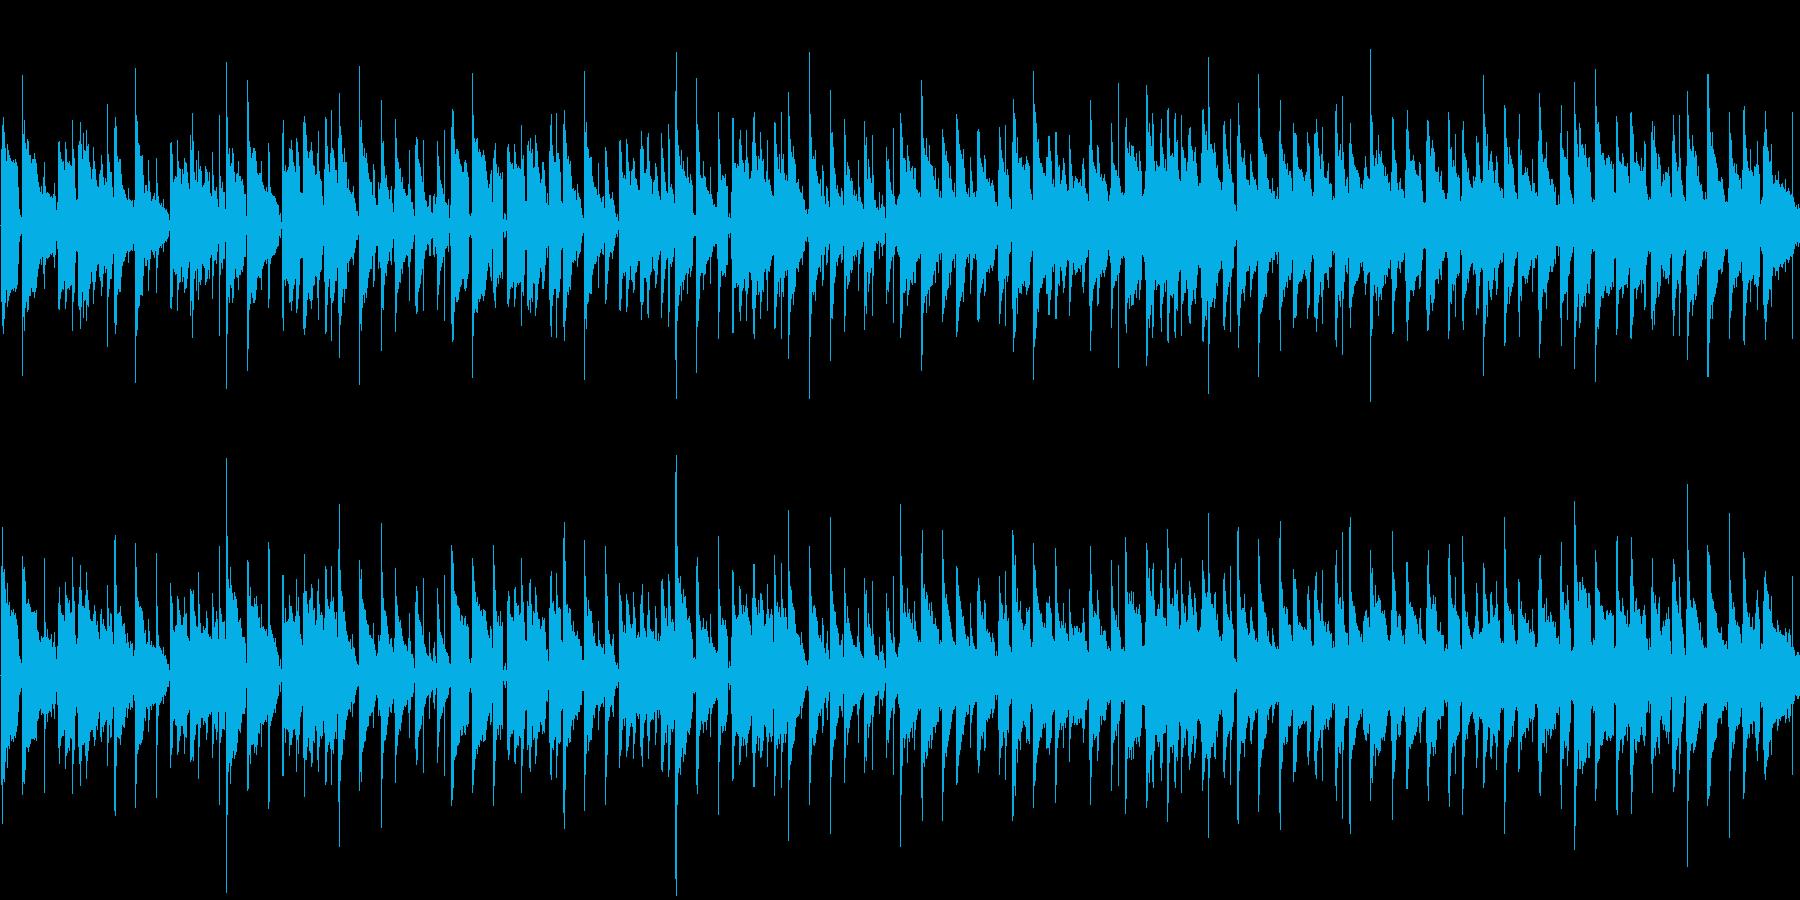 夏に合うさわやかボサノバ風【ループ】の再生済みの波形